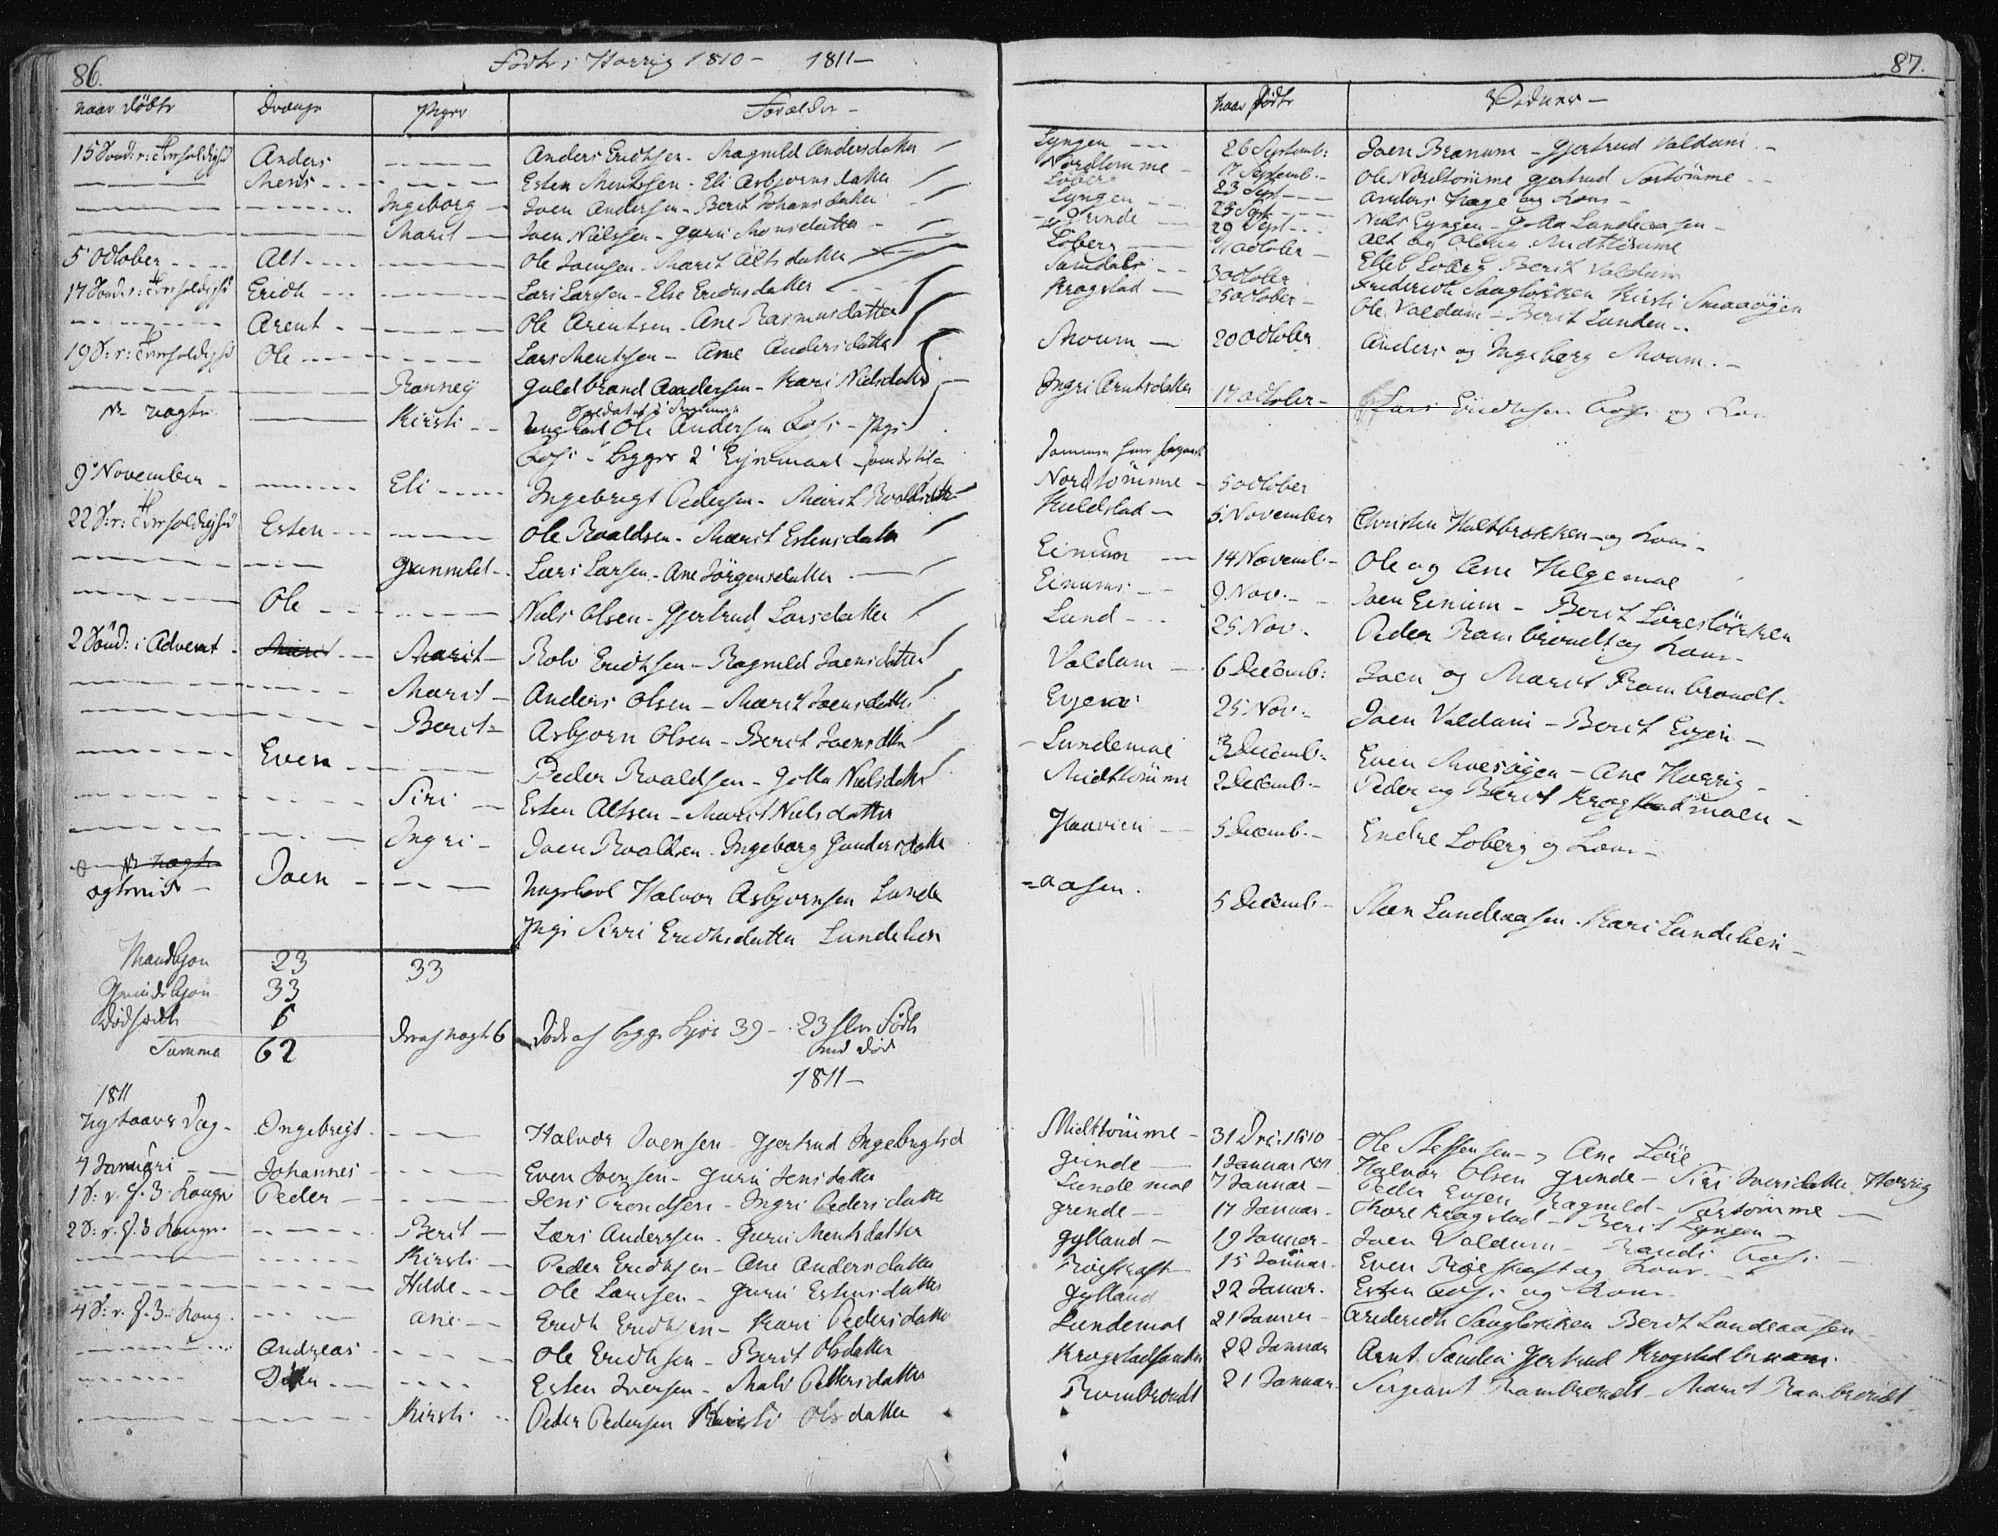 SAT, Ministerialprotokoller, klokkerbøker og fødselsregistre - Sør-Trøndelag, 687/L0993: Ministerialbok nr. 687A03 /2, 1788-1815, s. 86-87